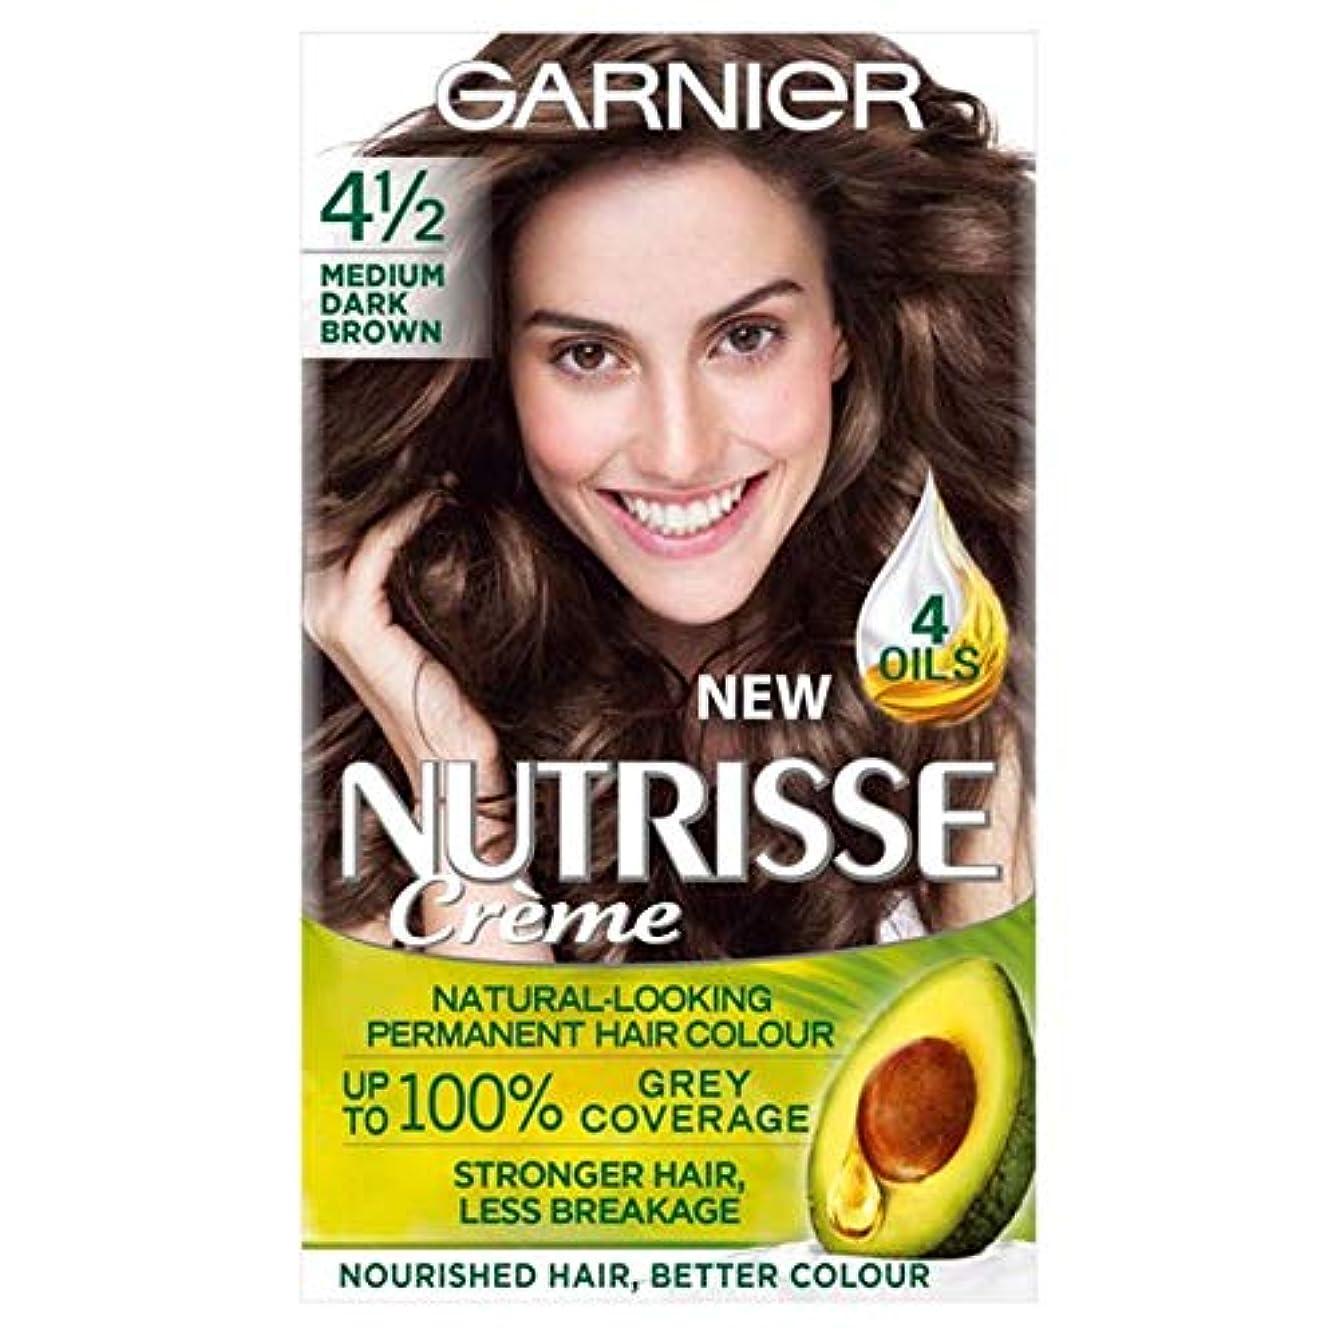 村制約複数[Nutrisse] 4.12メディアD / Brwn永久染毛剤Nutrisseガルニエ - Garnier Nutrisse 4.12 Medium D/Brwn Permanent Hair Dye [並行輸入品]